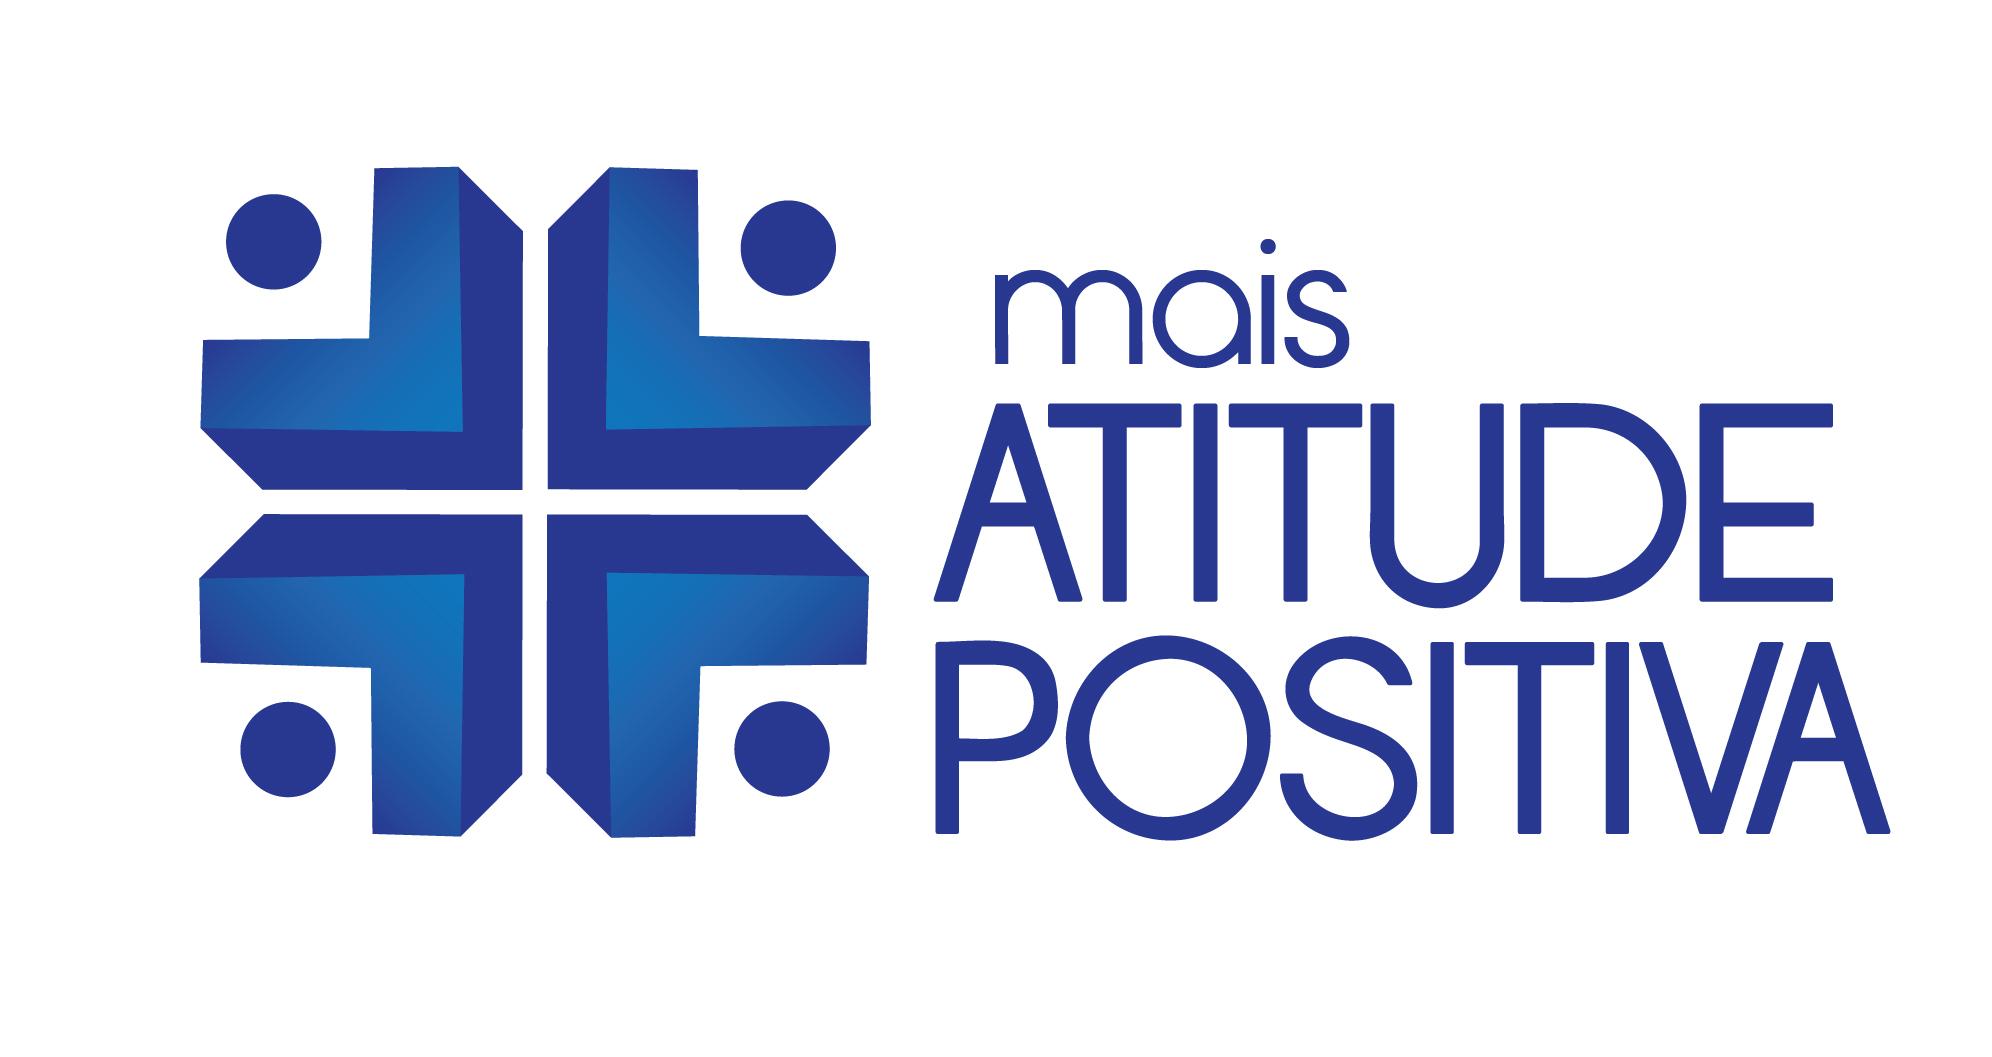 MaisAtitudePositiva-20.jpg